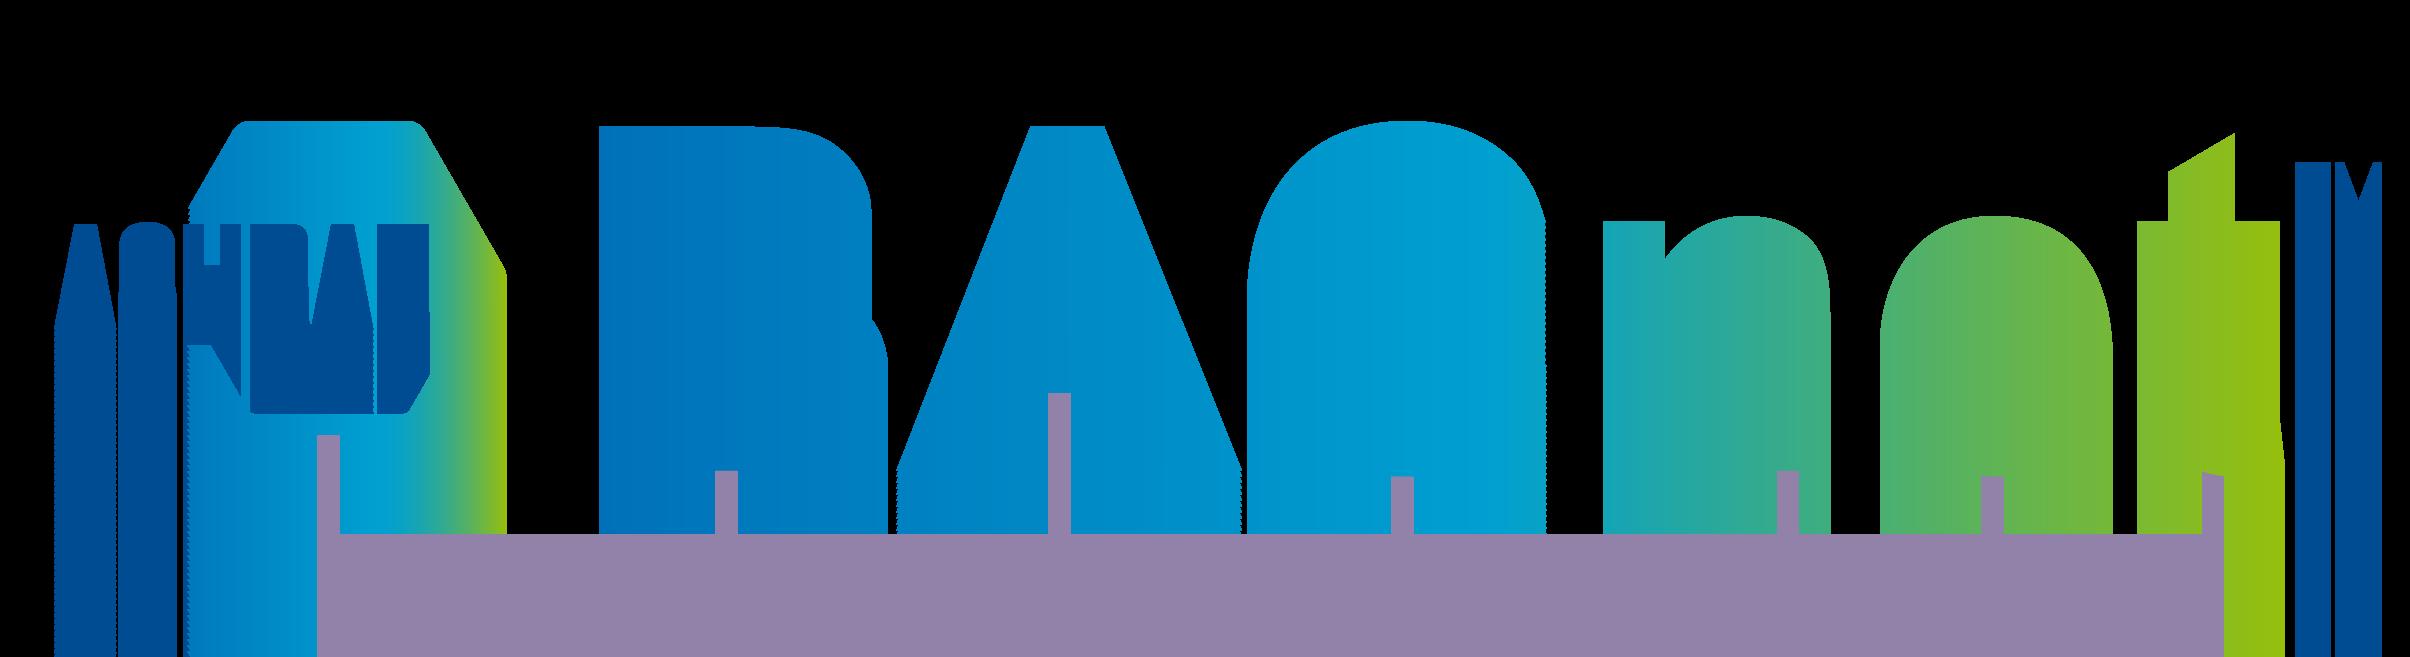 BACnet_logo